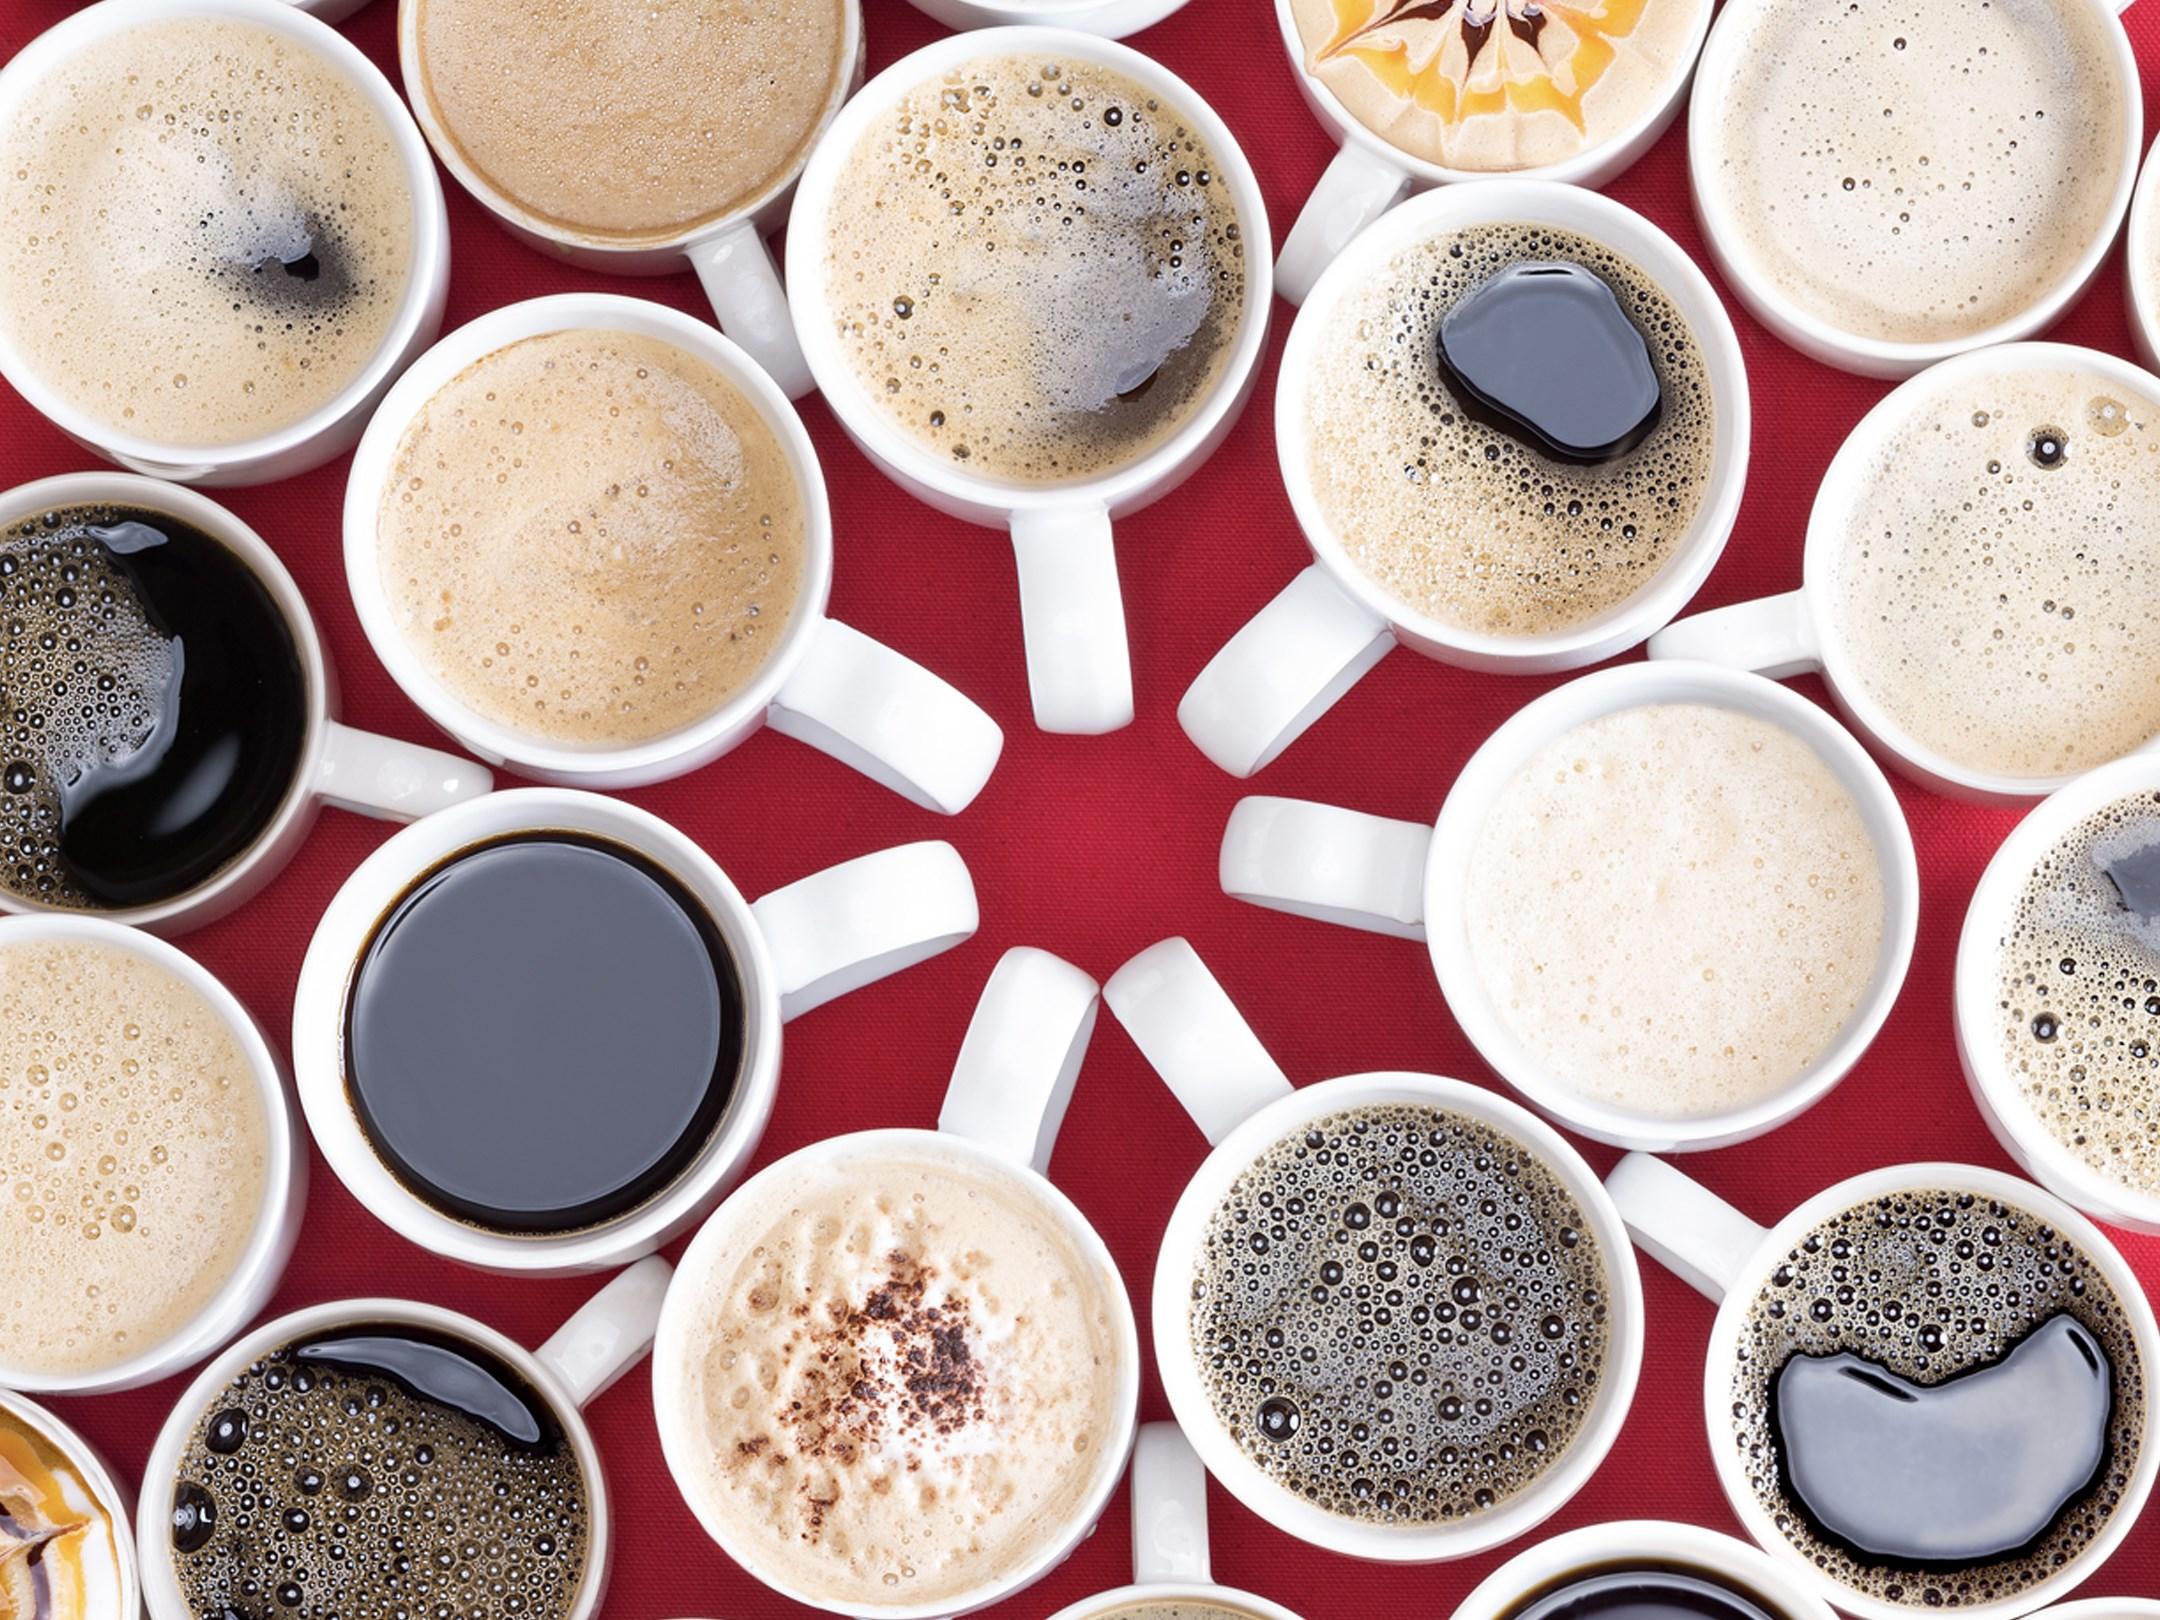 お酒にスパイス、卵、チーズ!?世界の国々で愛されるアレンジコーヒー。